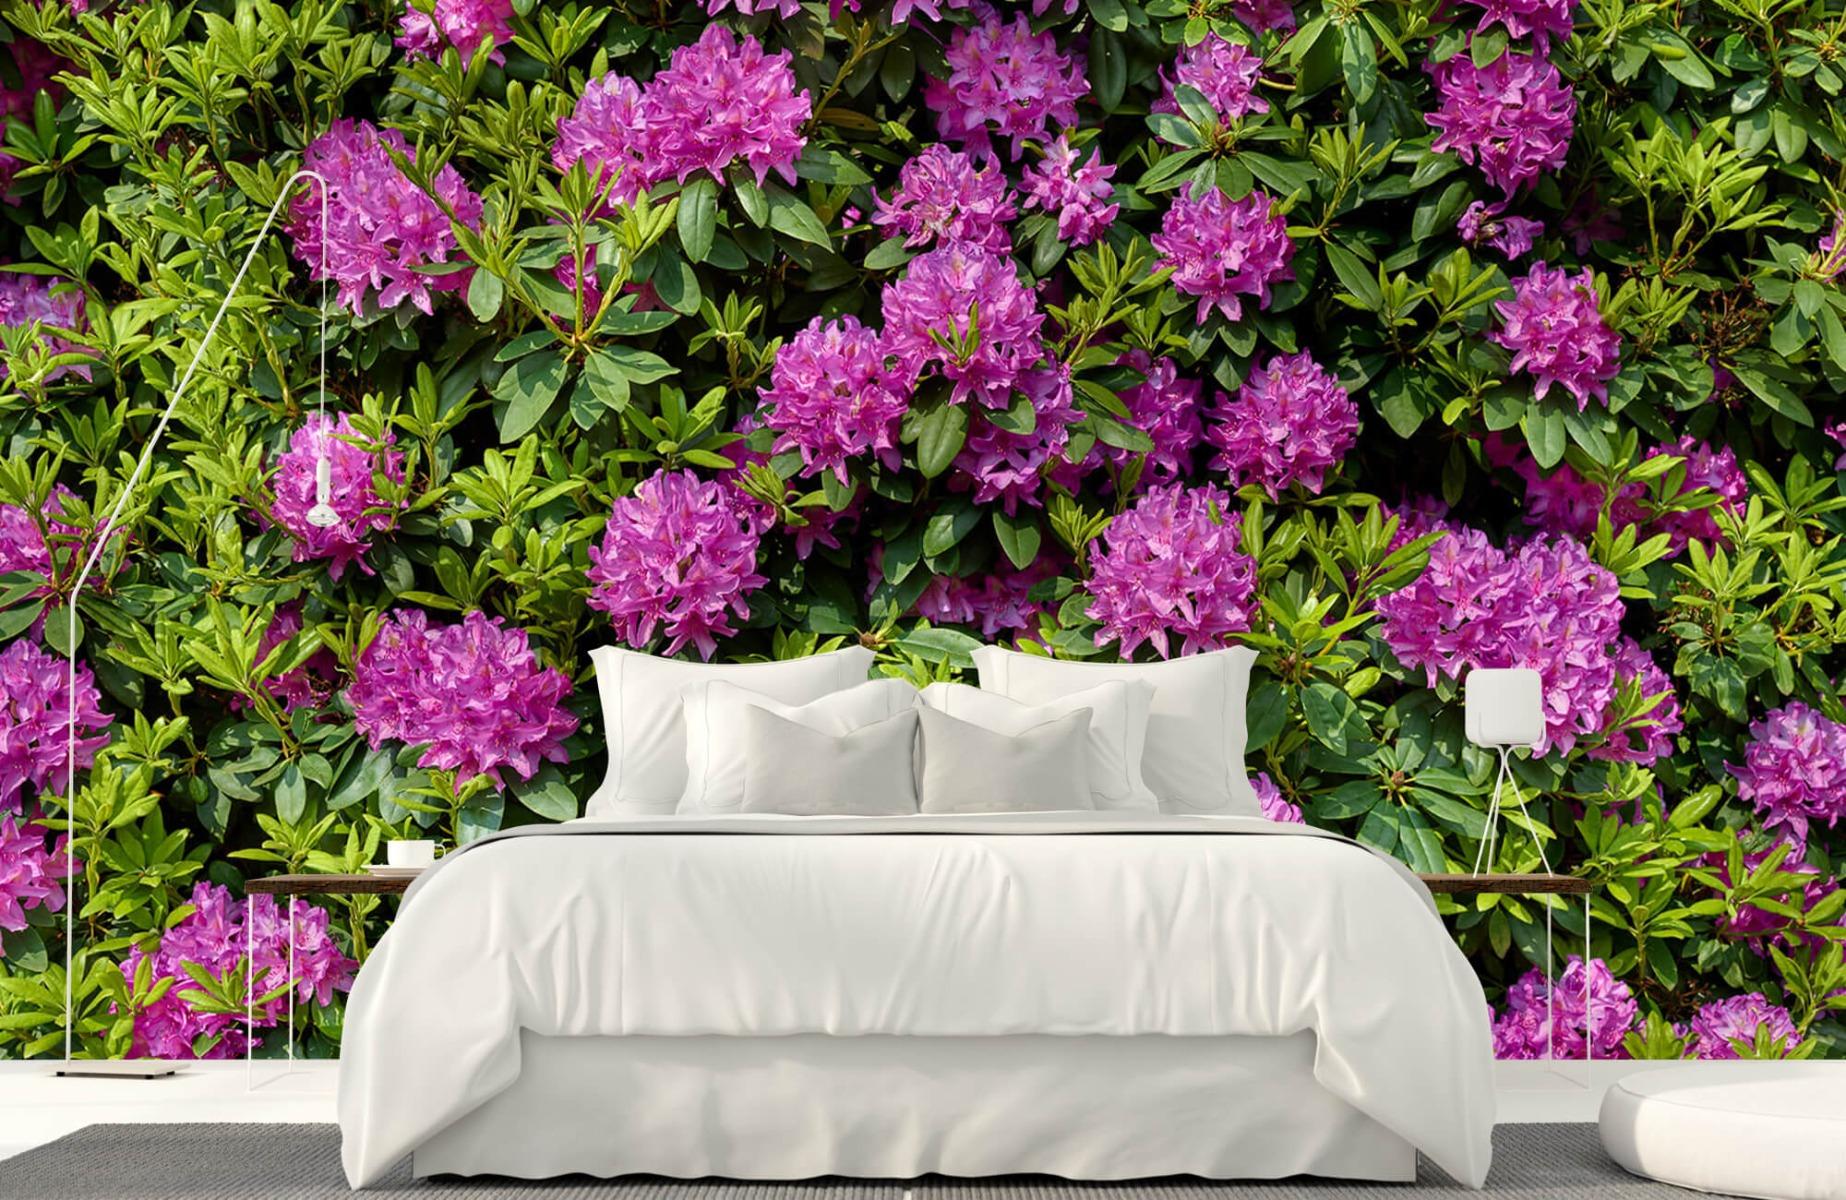 Bloemenvelden - Rododendrons - Wallexclusive - Slaapkamer 17